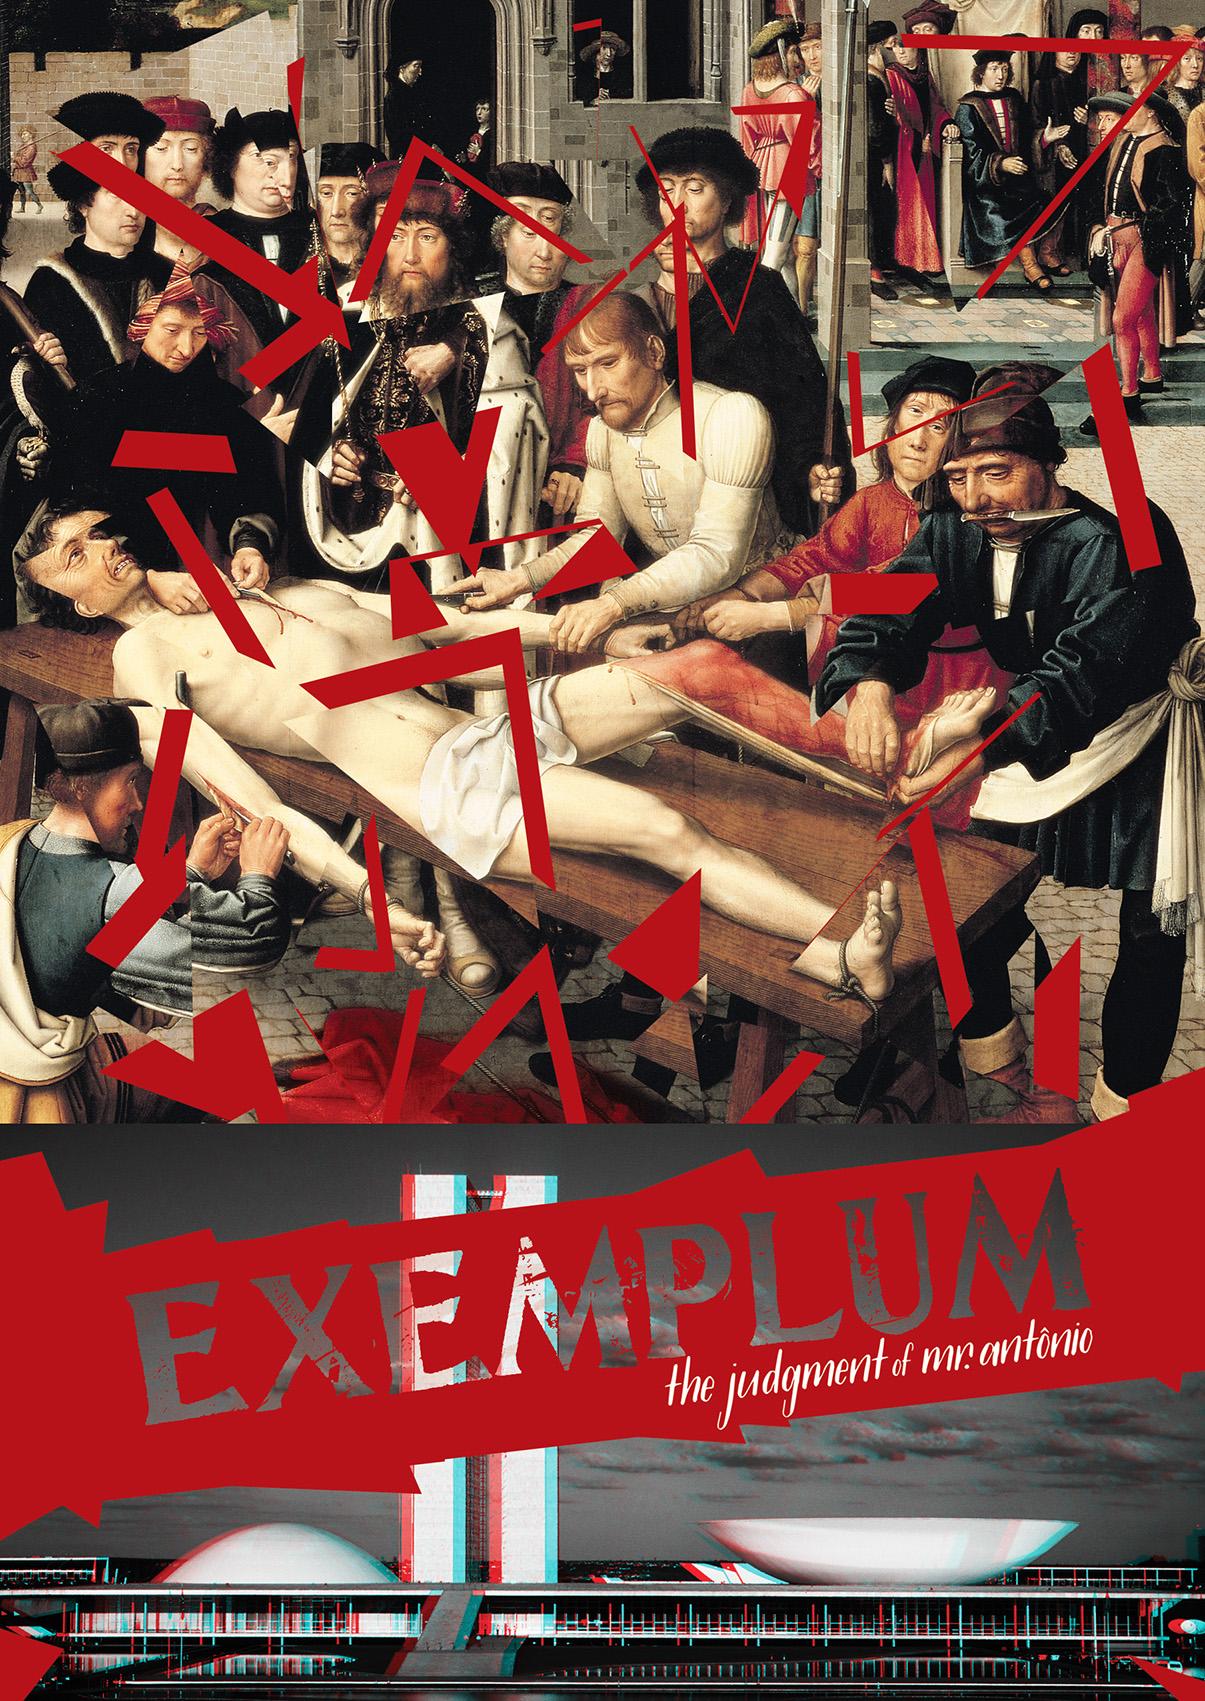 EXEMPLUM